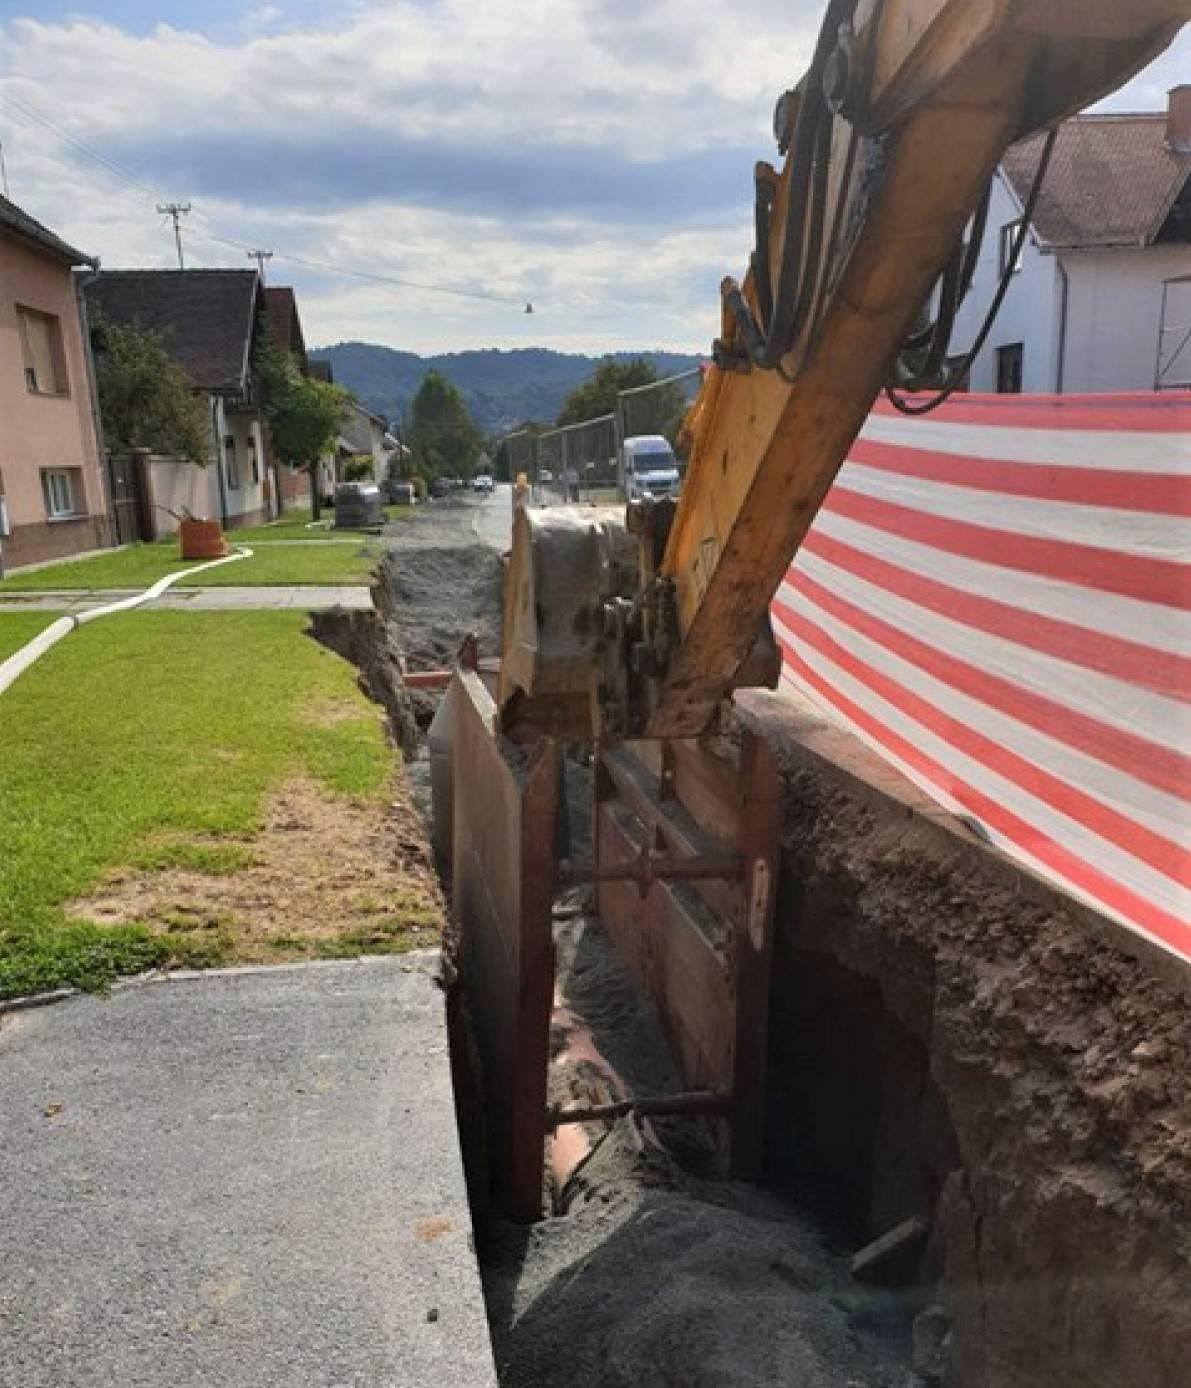 Ulica E. Kvaternika raskopana mjesecima, izvođač radova na upite ne odgovara, a radovima se ne nazire kraj